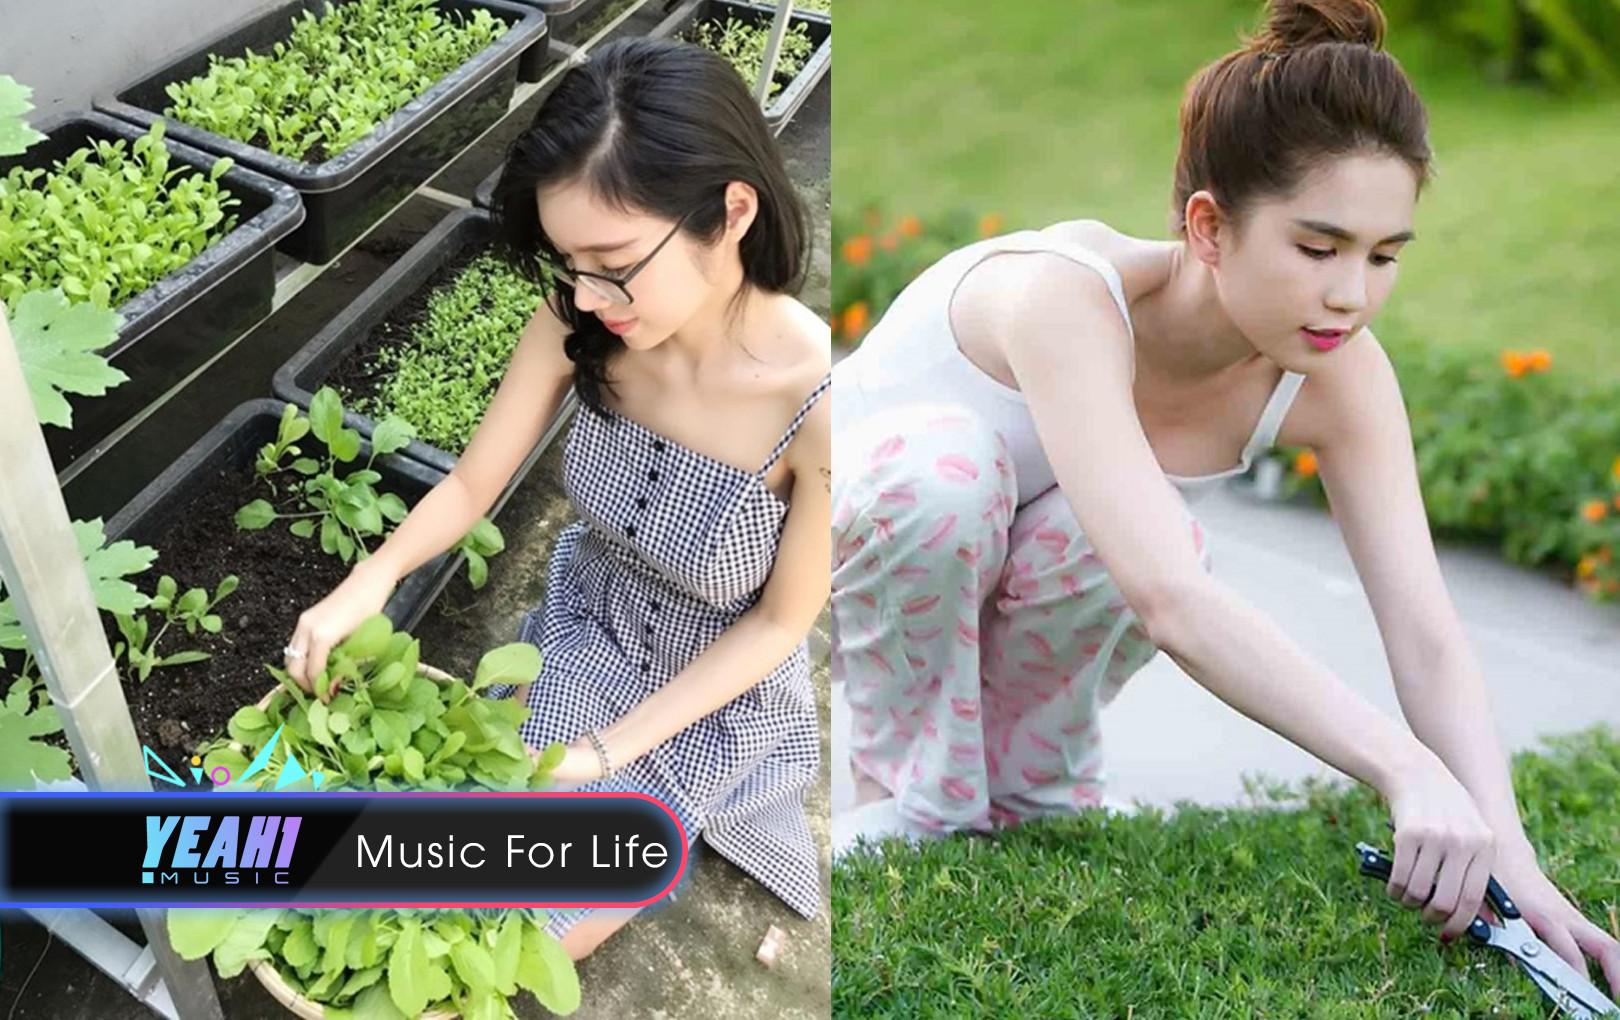 Thủy Tiên, Ngọc Trinh, Elly Trần theo đuổi style sang chảnh kể cả khi làm vườn, riêng Khởi My thì...